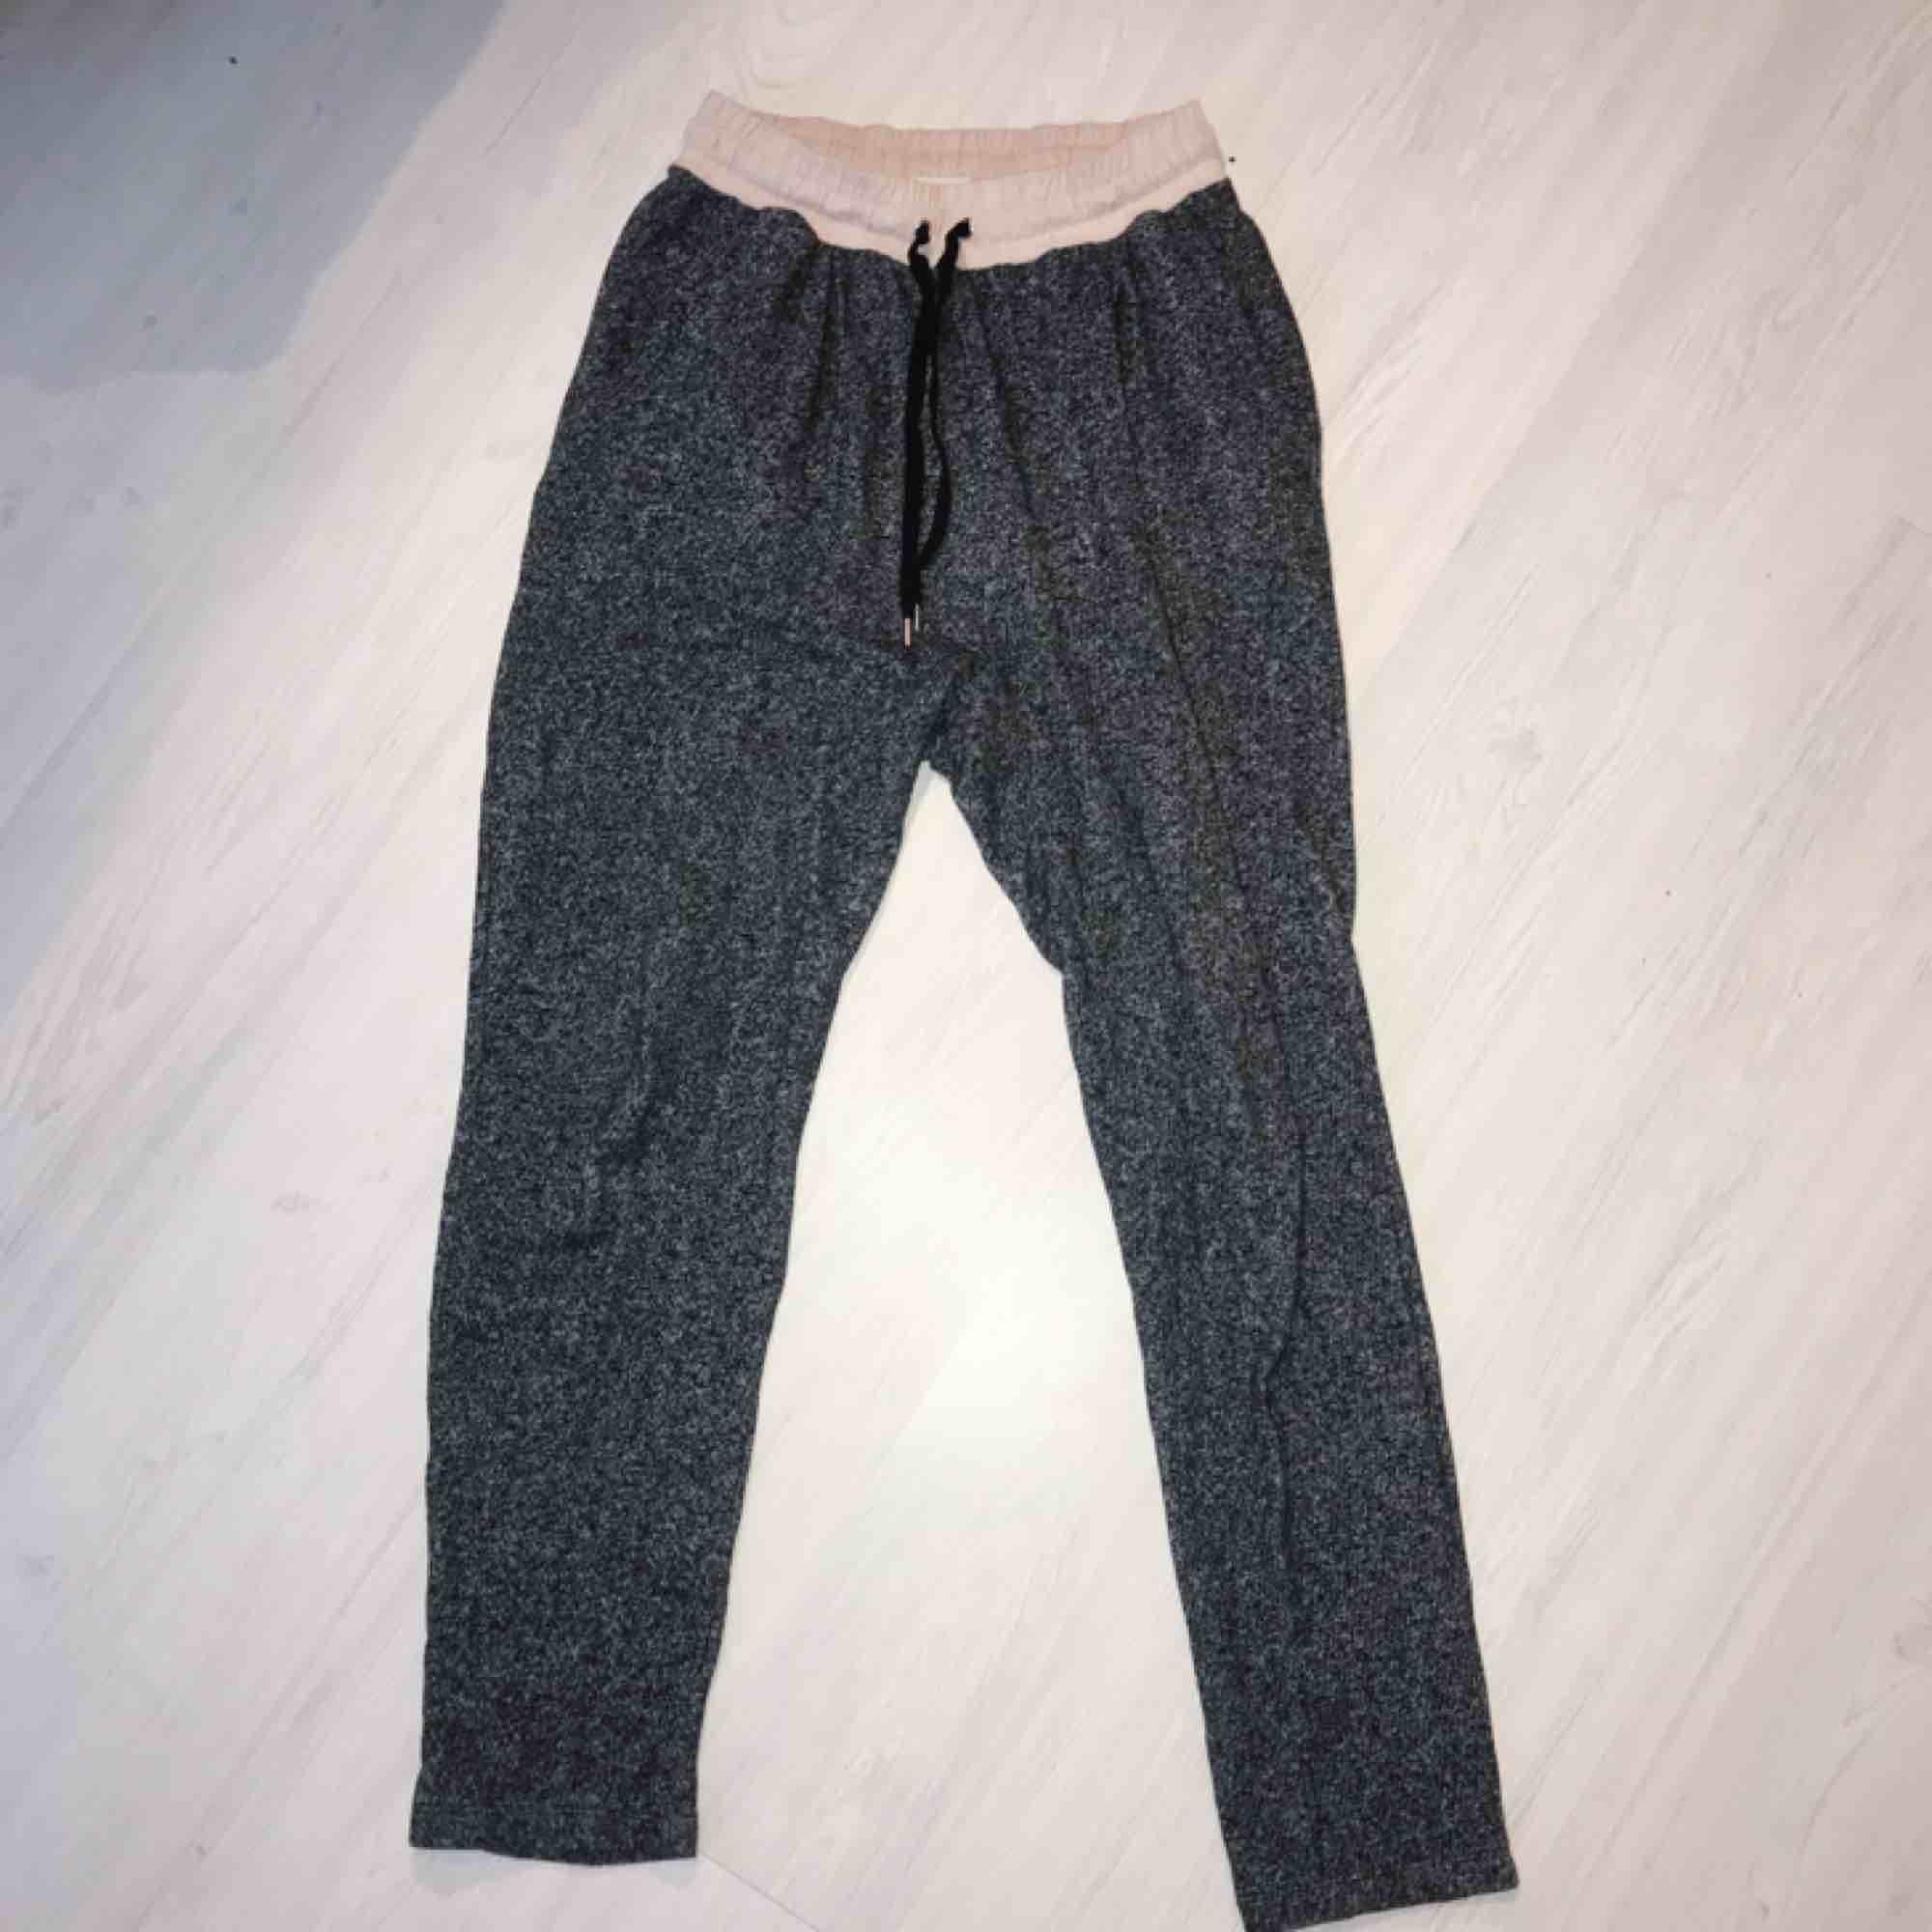 Sköna gråa mjukisbyxor från H&M i normalt skick! 🌟 frakt på 55 kr tillkommer. Jeans & Byxor.